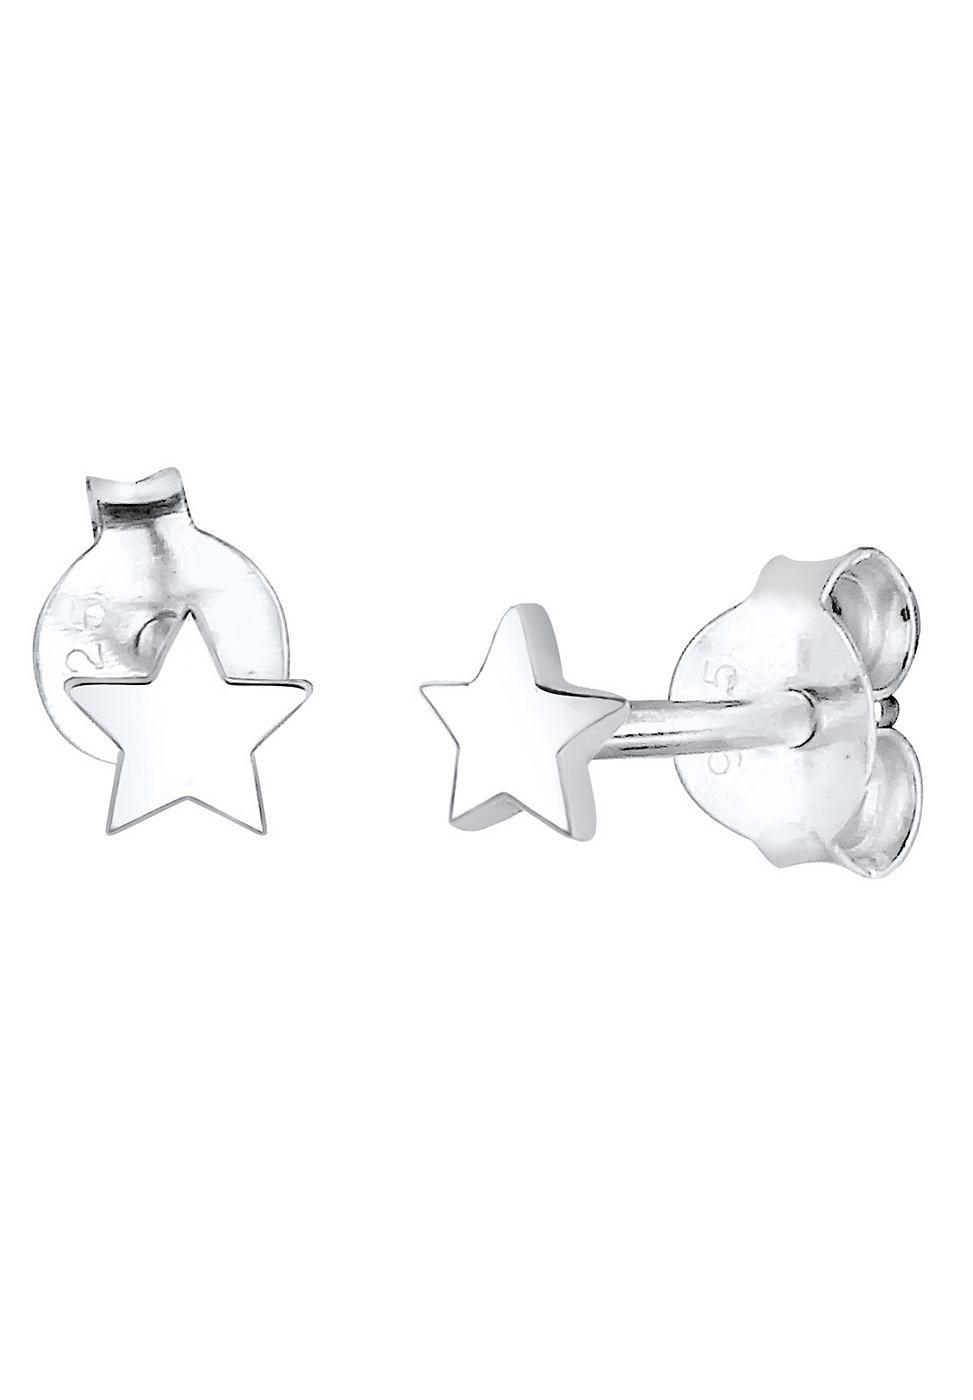 Diese feinen Stern-Ohrstecker aus 925er Sterling Silber sind der ideale Basic-Ohrschmuck für stilvolle Trendsetter und angehende Starlets. Der dezente Ohrschmuck lässt sich ideal zu dramatischen Statementketten kombinieren oder highlightet ein glamouröses paar Ohrringe im zweiten Ohrloch. Durch ihr schlichtes Design sind diese Ohrringe grenzenlos kombinierbar, modern und ein Must-Have in jedem ...